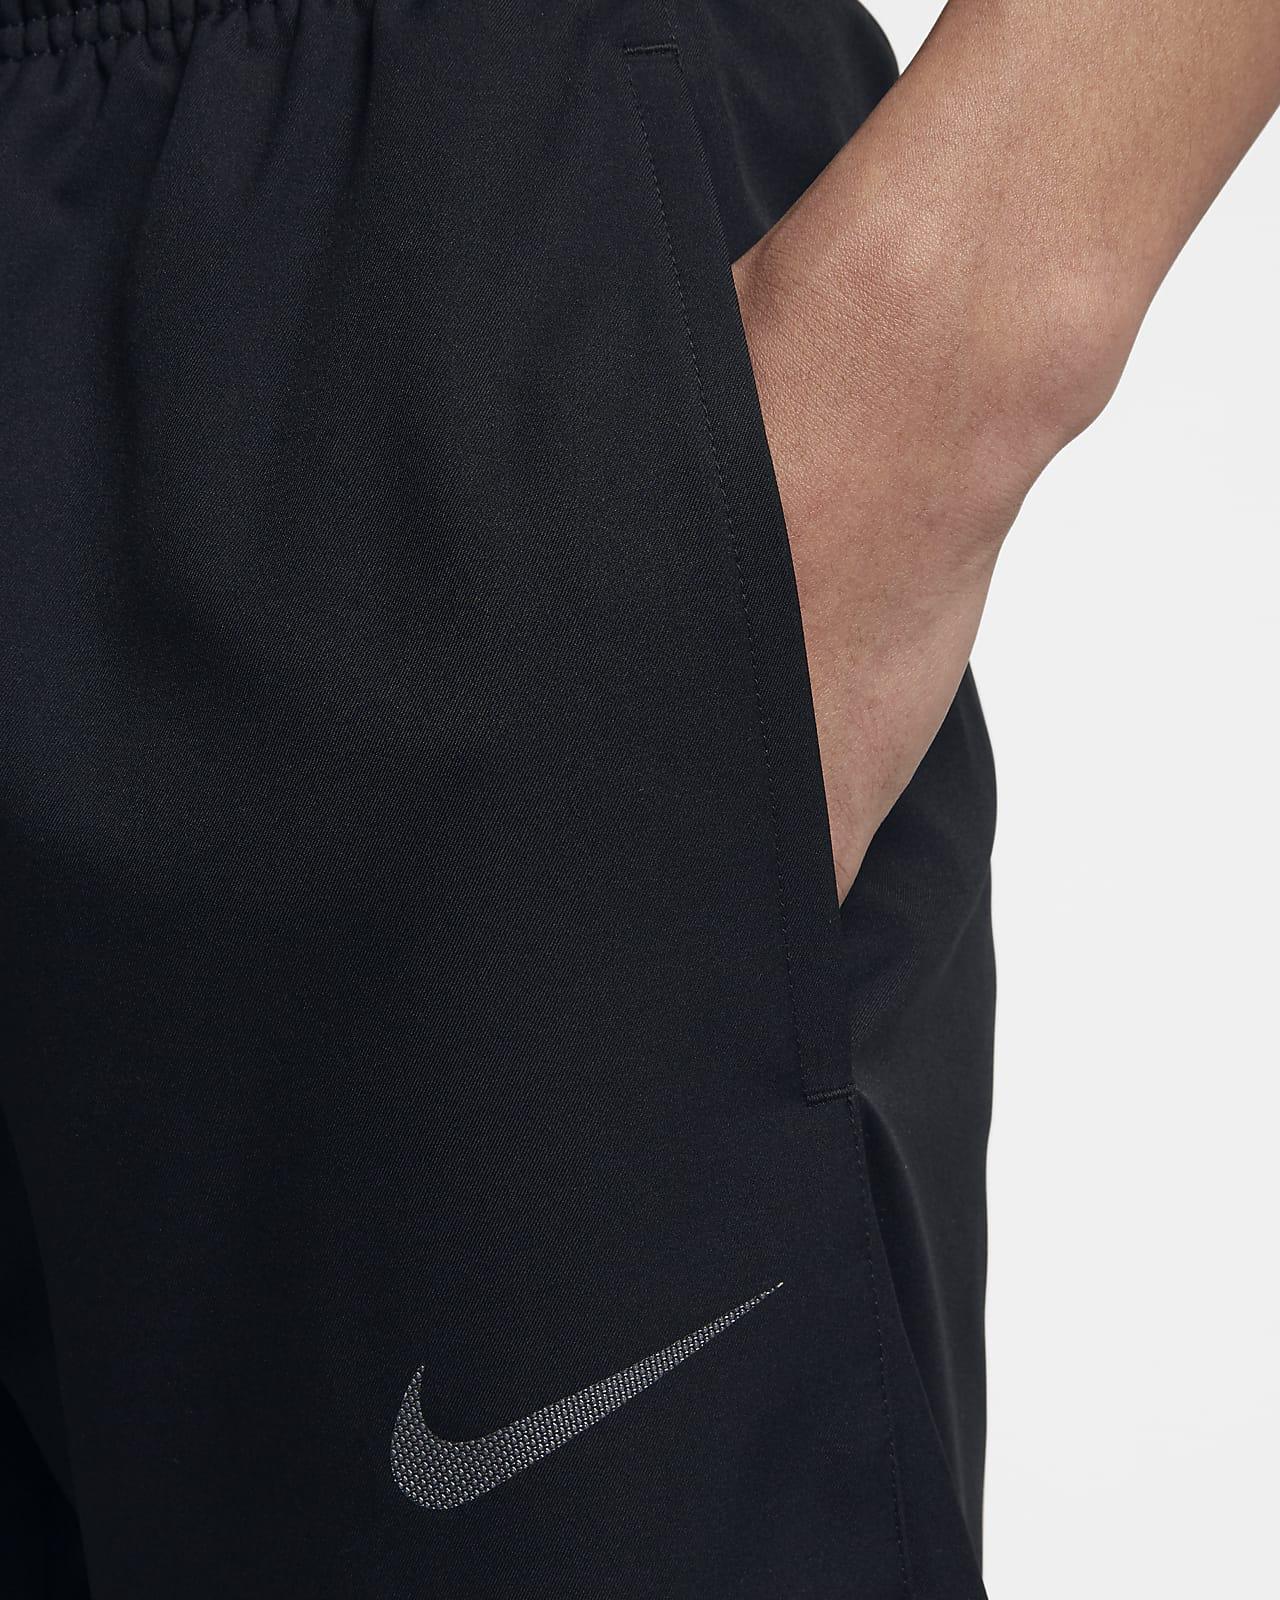 Nike Flex treningsbukse for herre. Nike NO